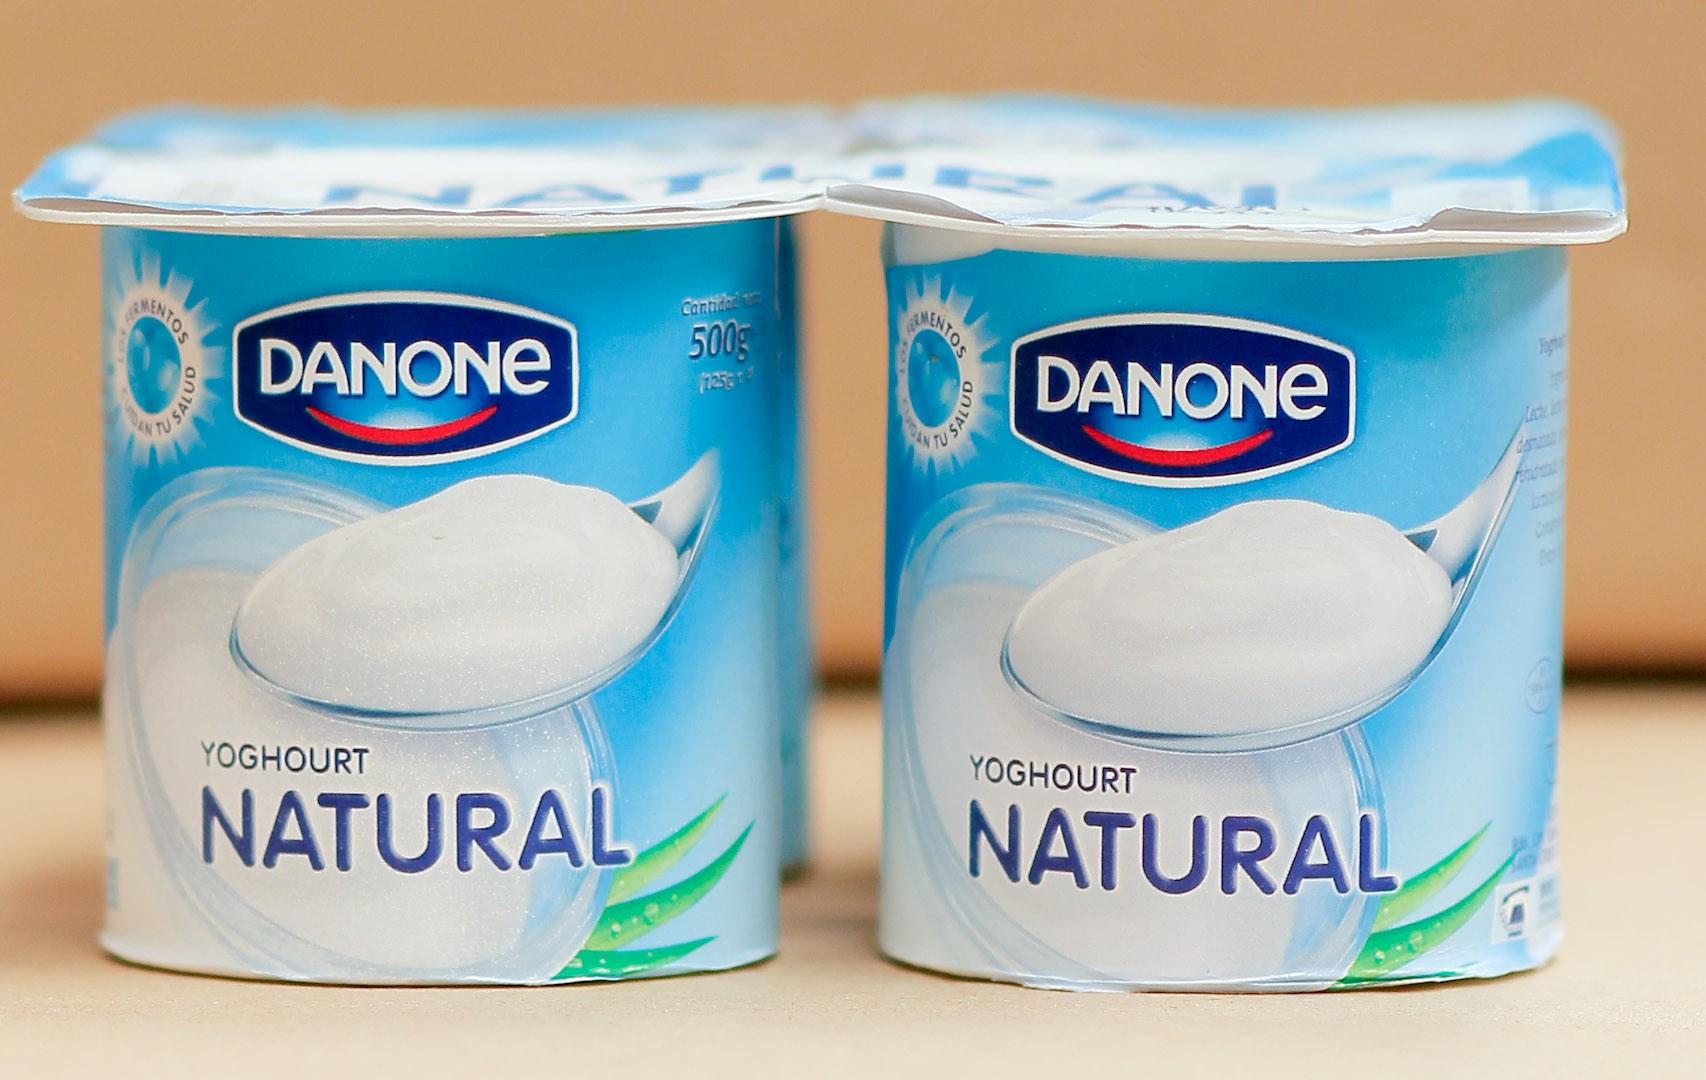 Es o No Confiable El Yogurt Danone